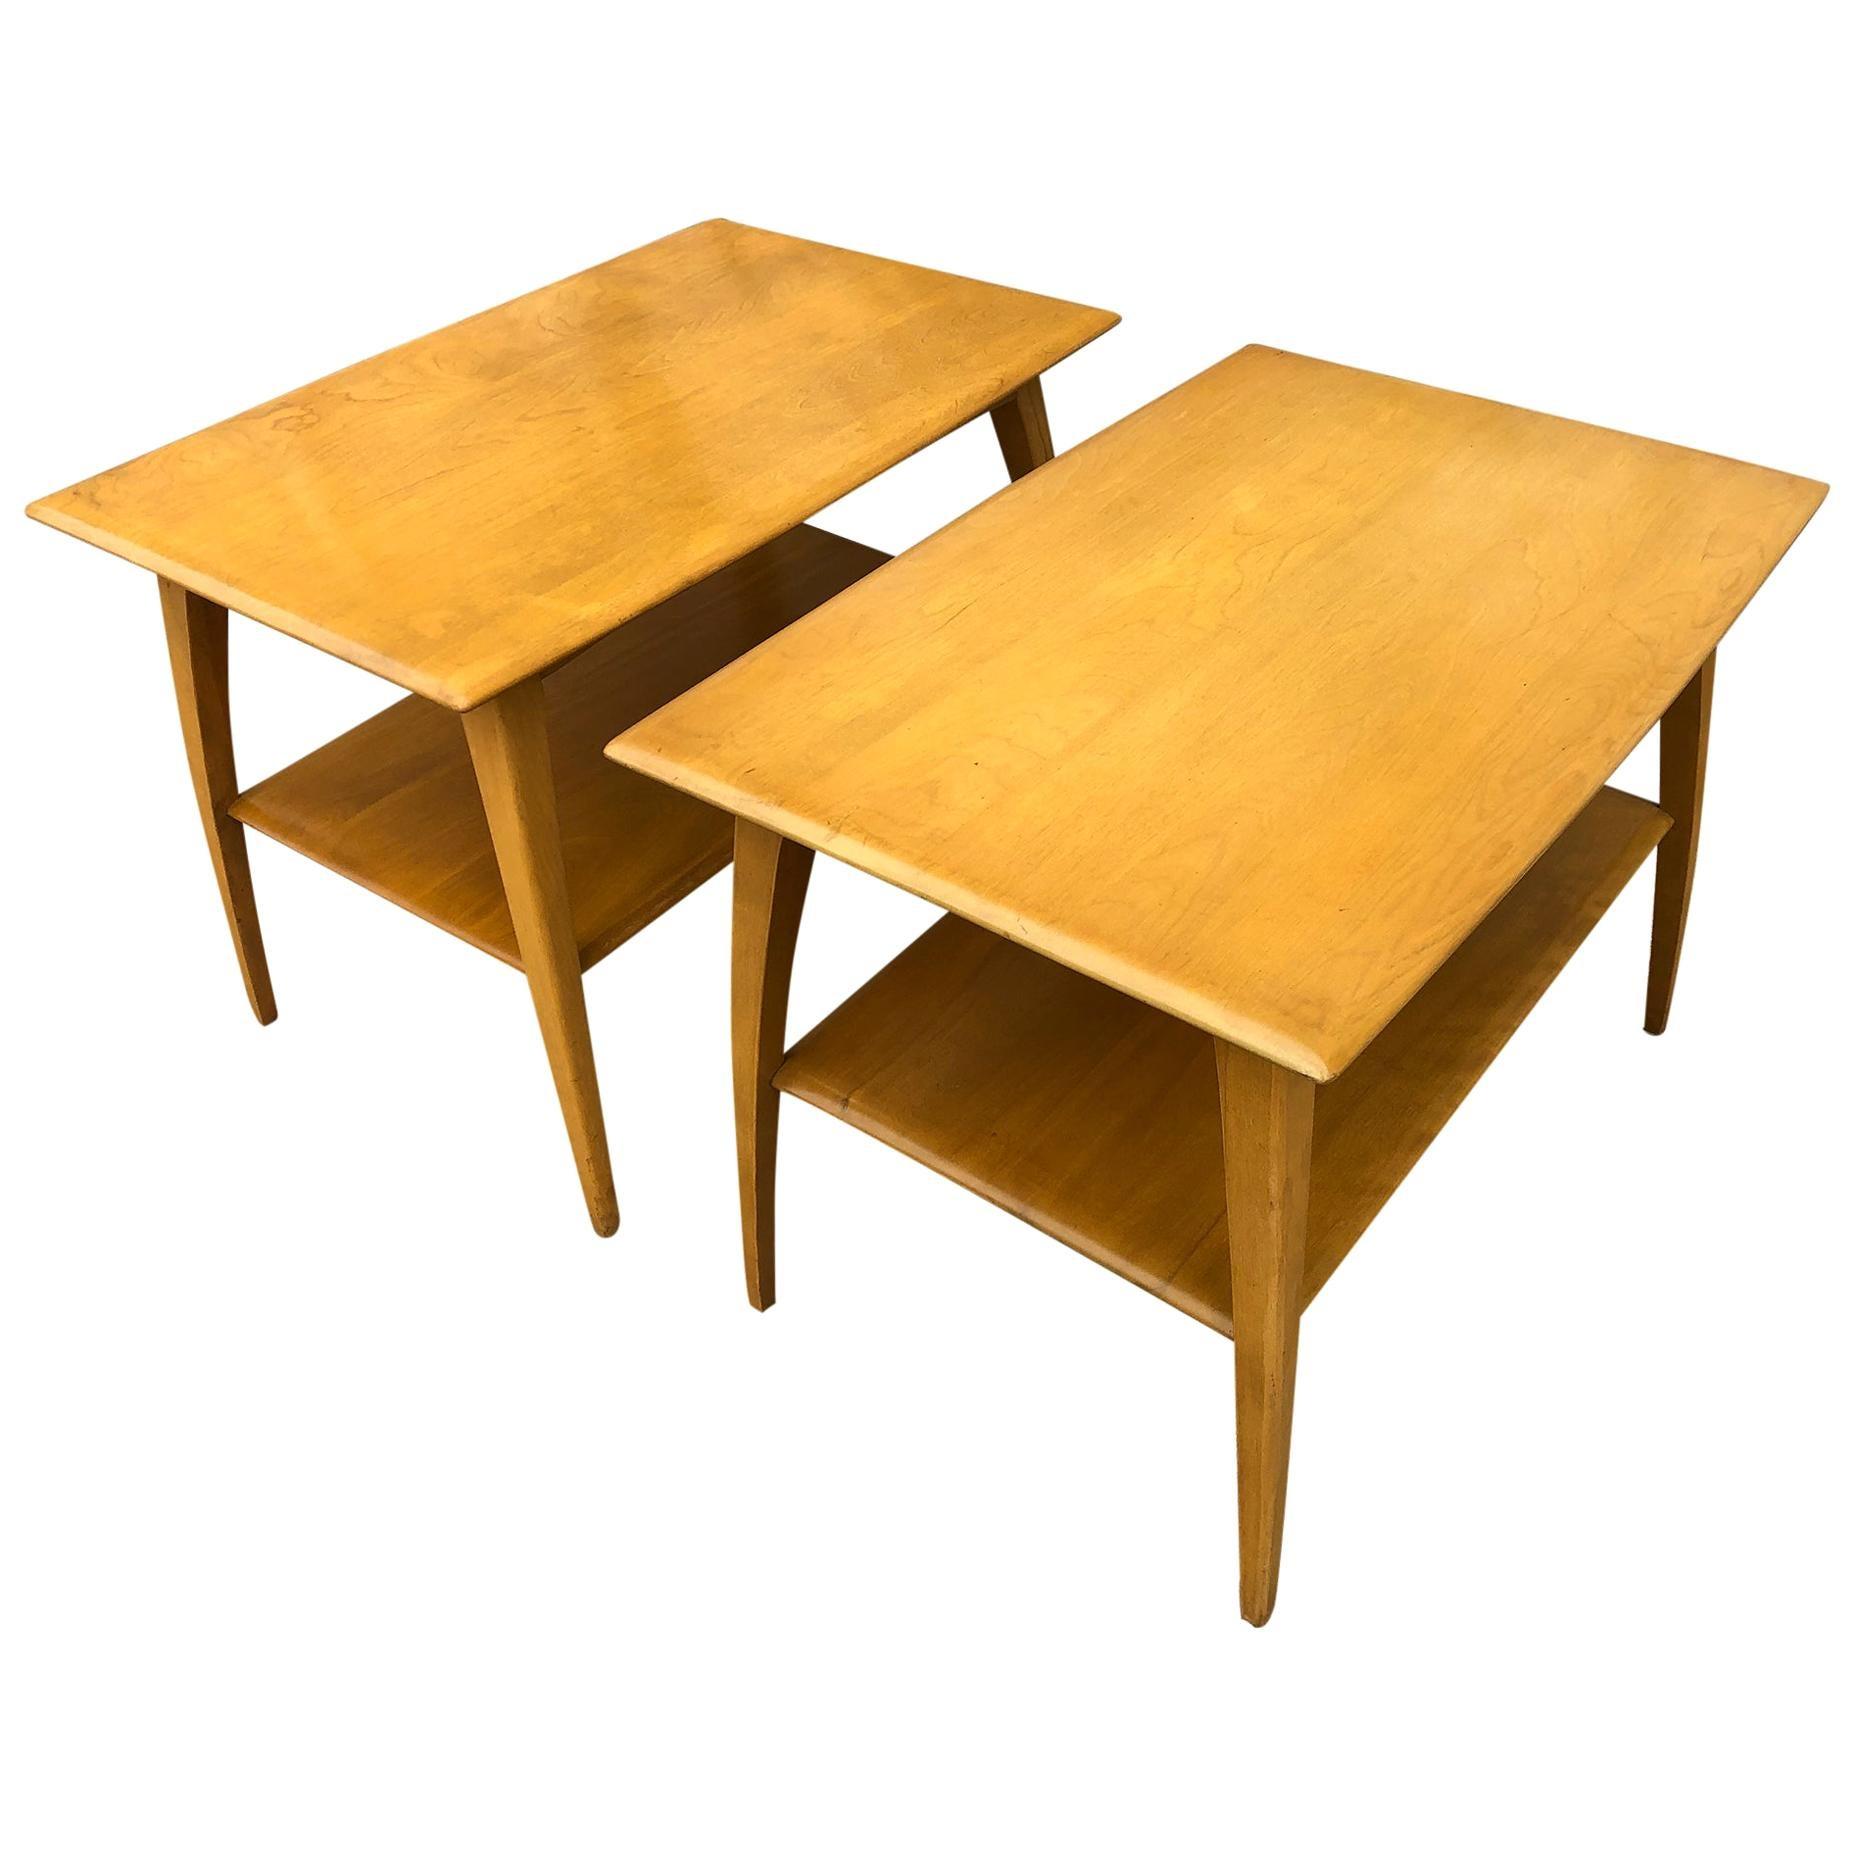 Midcentury Heywood Wakefield #1502 Maple Nightstands End Side Tables